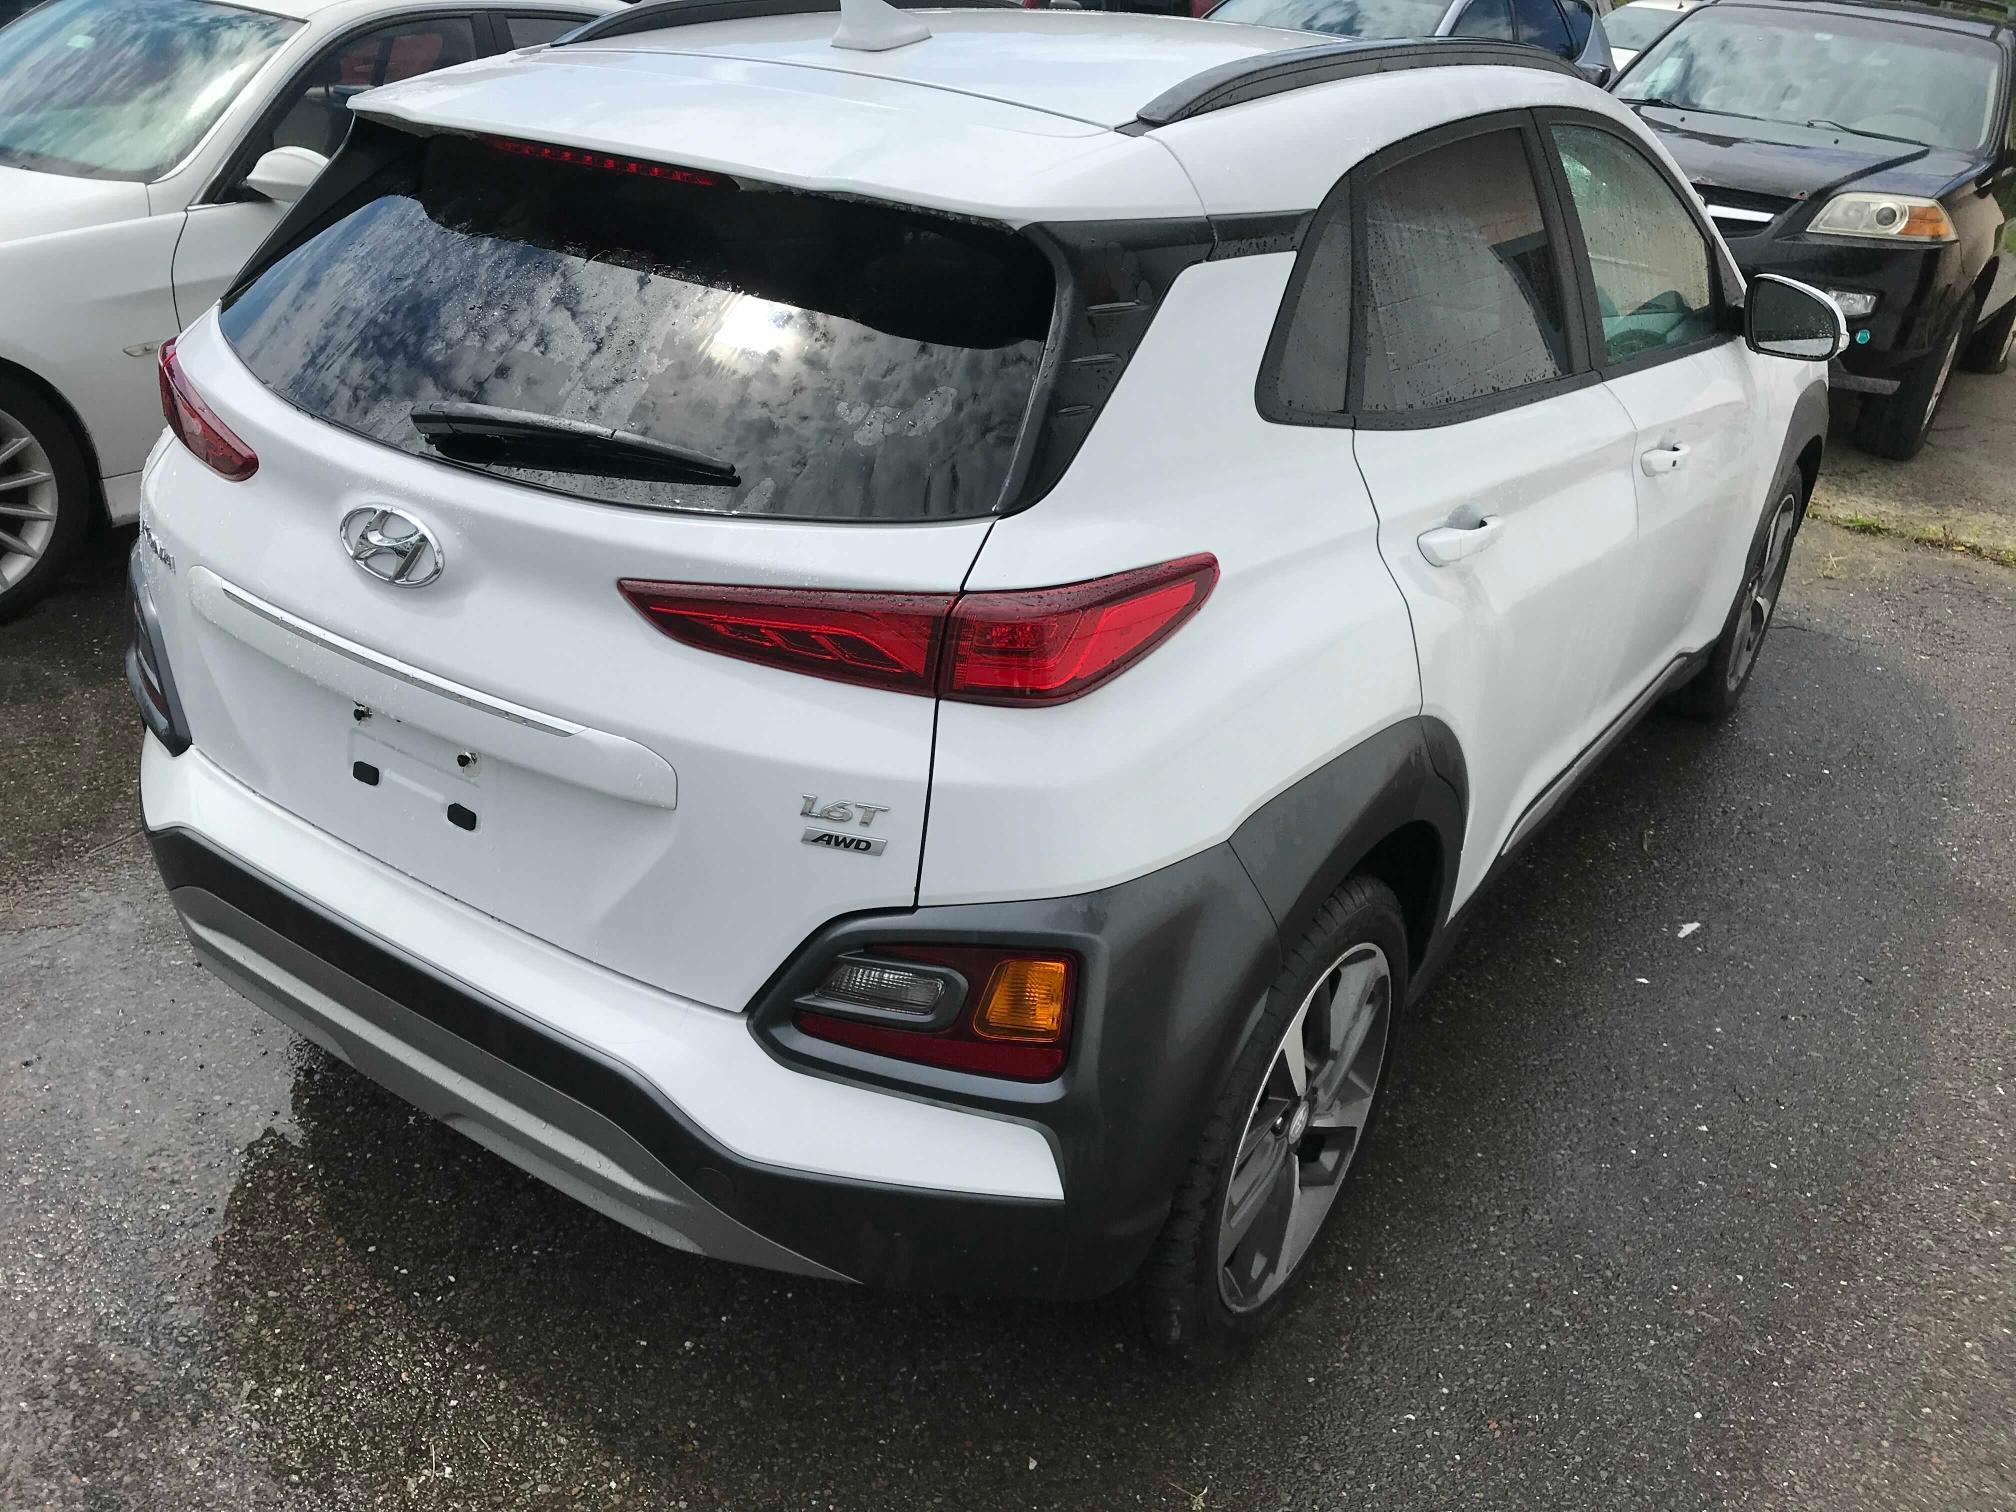 цена в сша 2020 Hyundai Kona Limit 1.6L KM8K3CA51LU466492